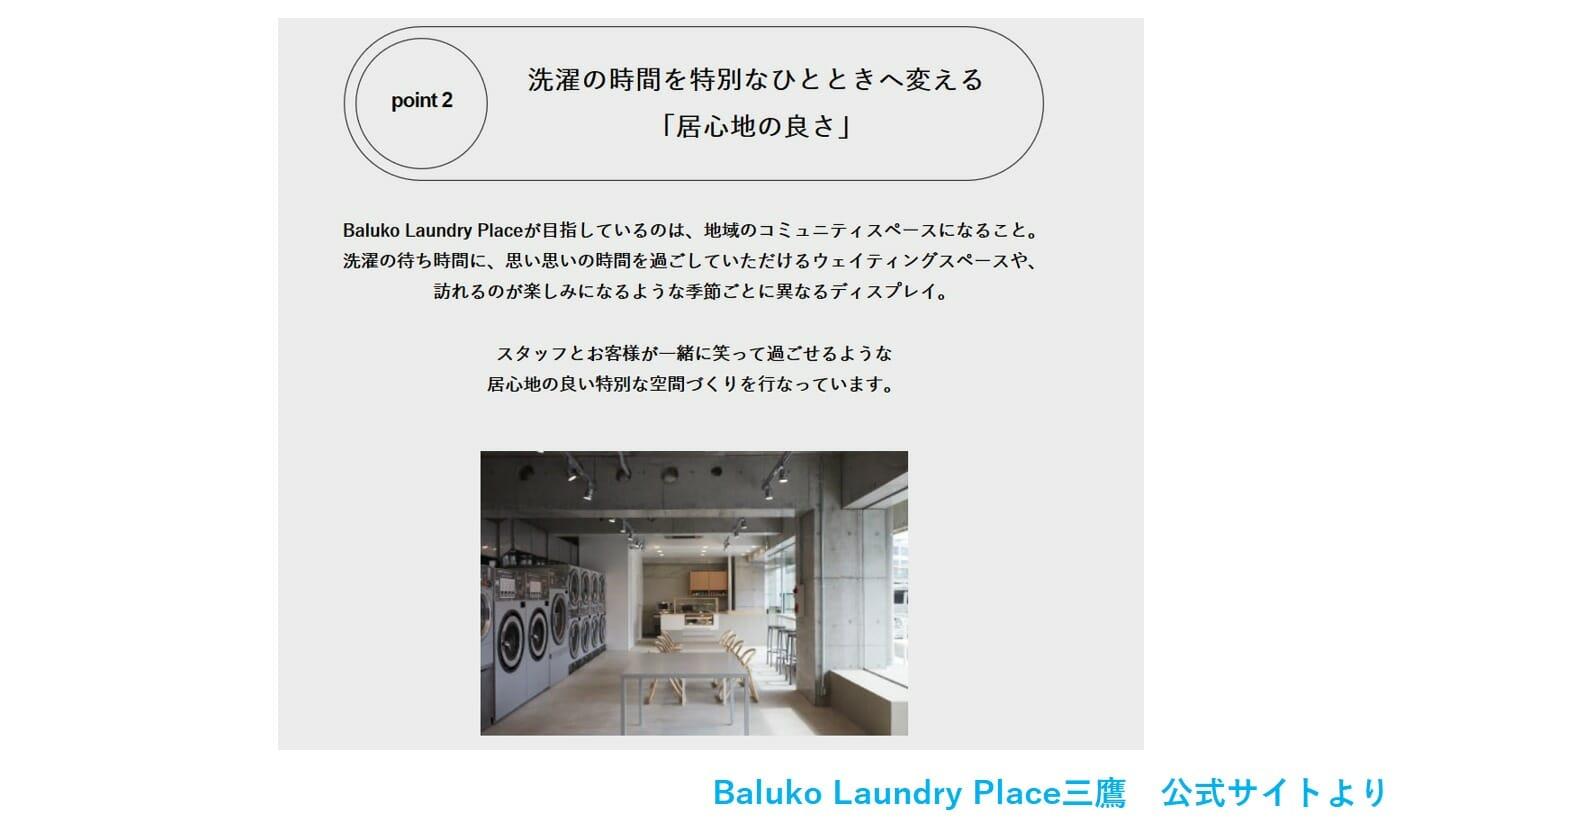 BalukoLaundryPlace三鷹